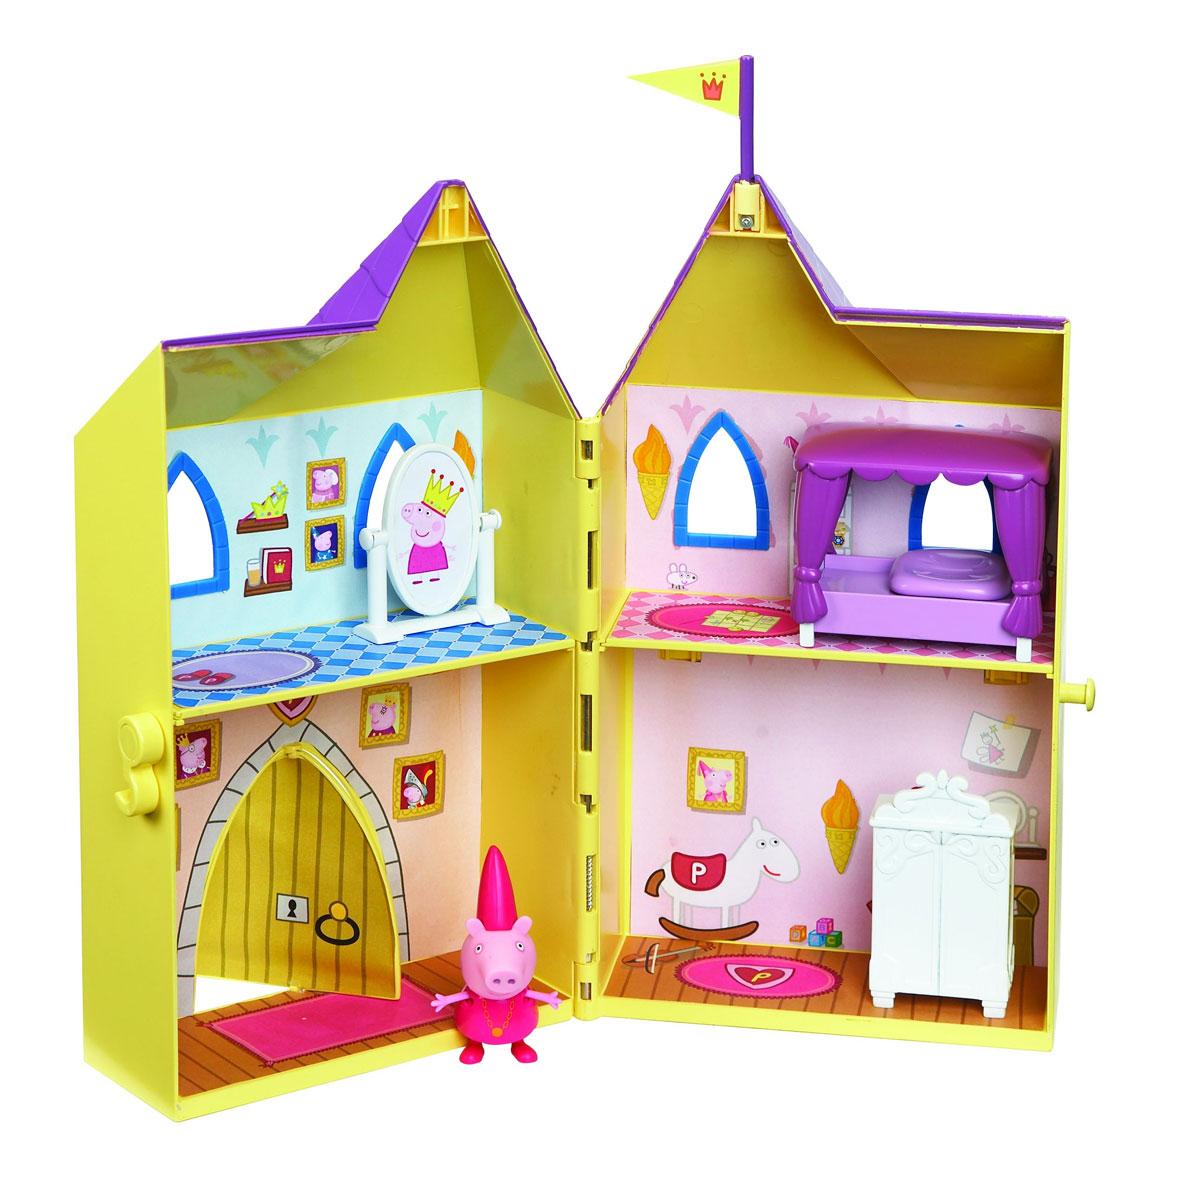 Peppa Pig Игровой набор Замок принцессы игровые наборы игруша набор замок принцессы на бат